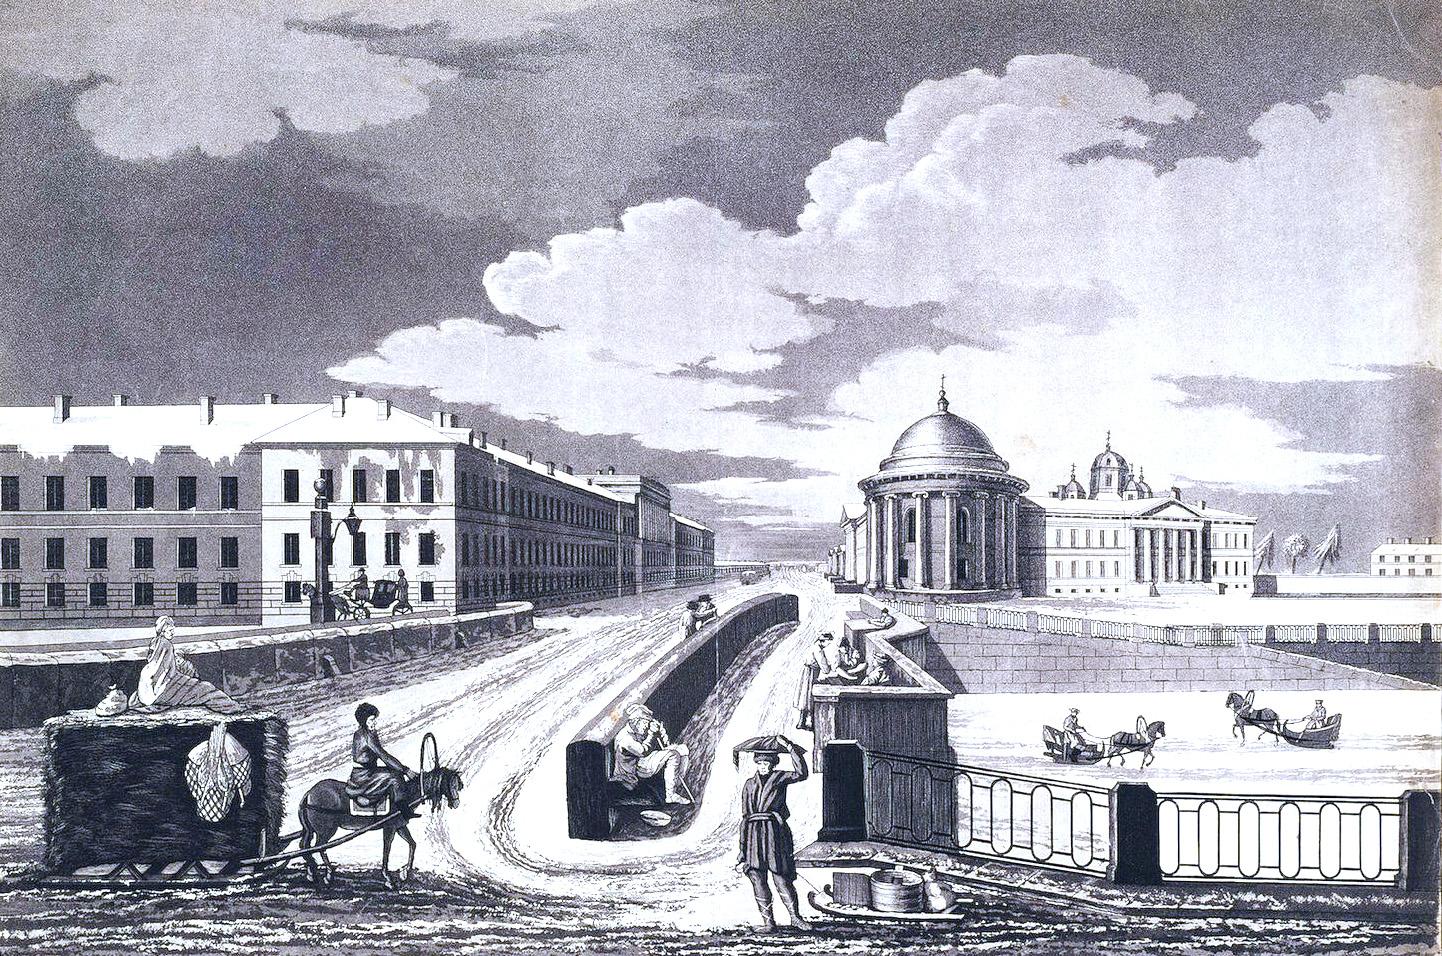 Дамам-Демартре М. Ф. Гравюра «Vue du canal de la Fontanka et des casernes de St. Petersbourg» из Picture of Petersbourg (Orme) 1815 г.